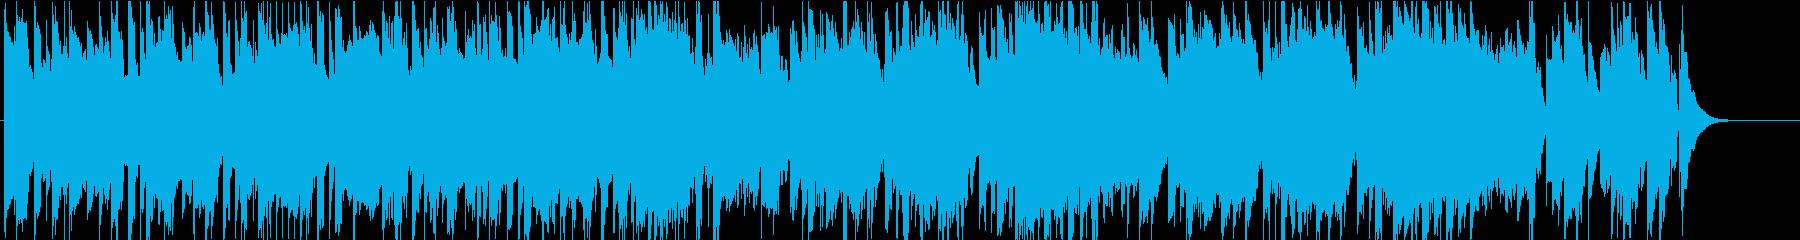 幻想的でドラマチックな夜に合うBGMの再生済みの波形